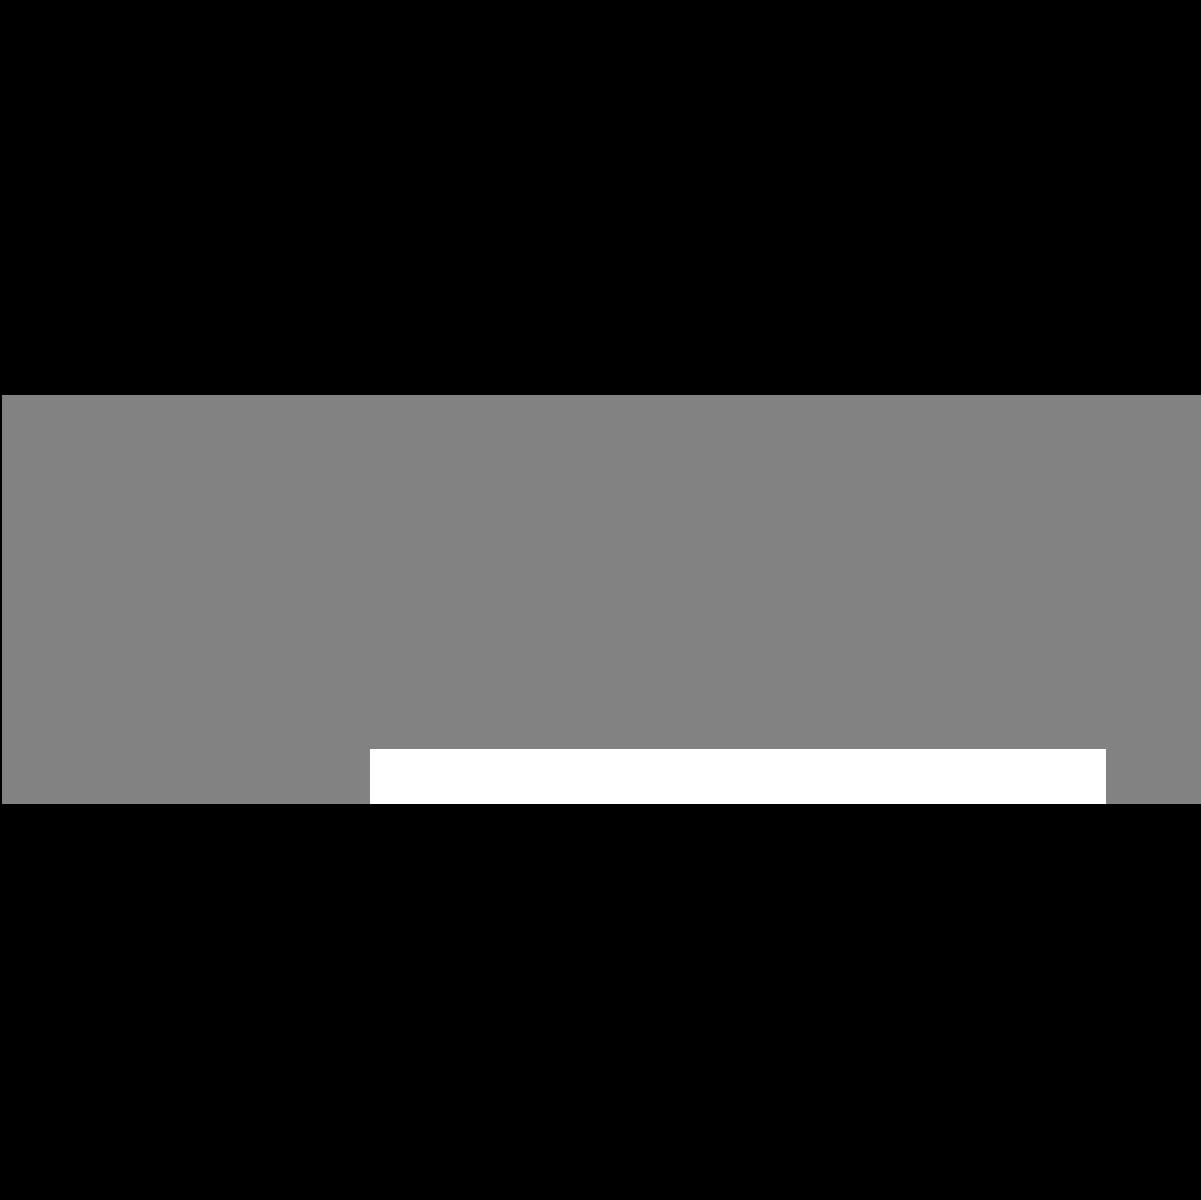 Grow logo gray